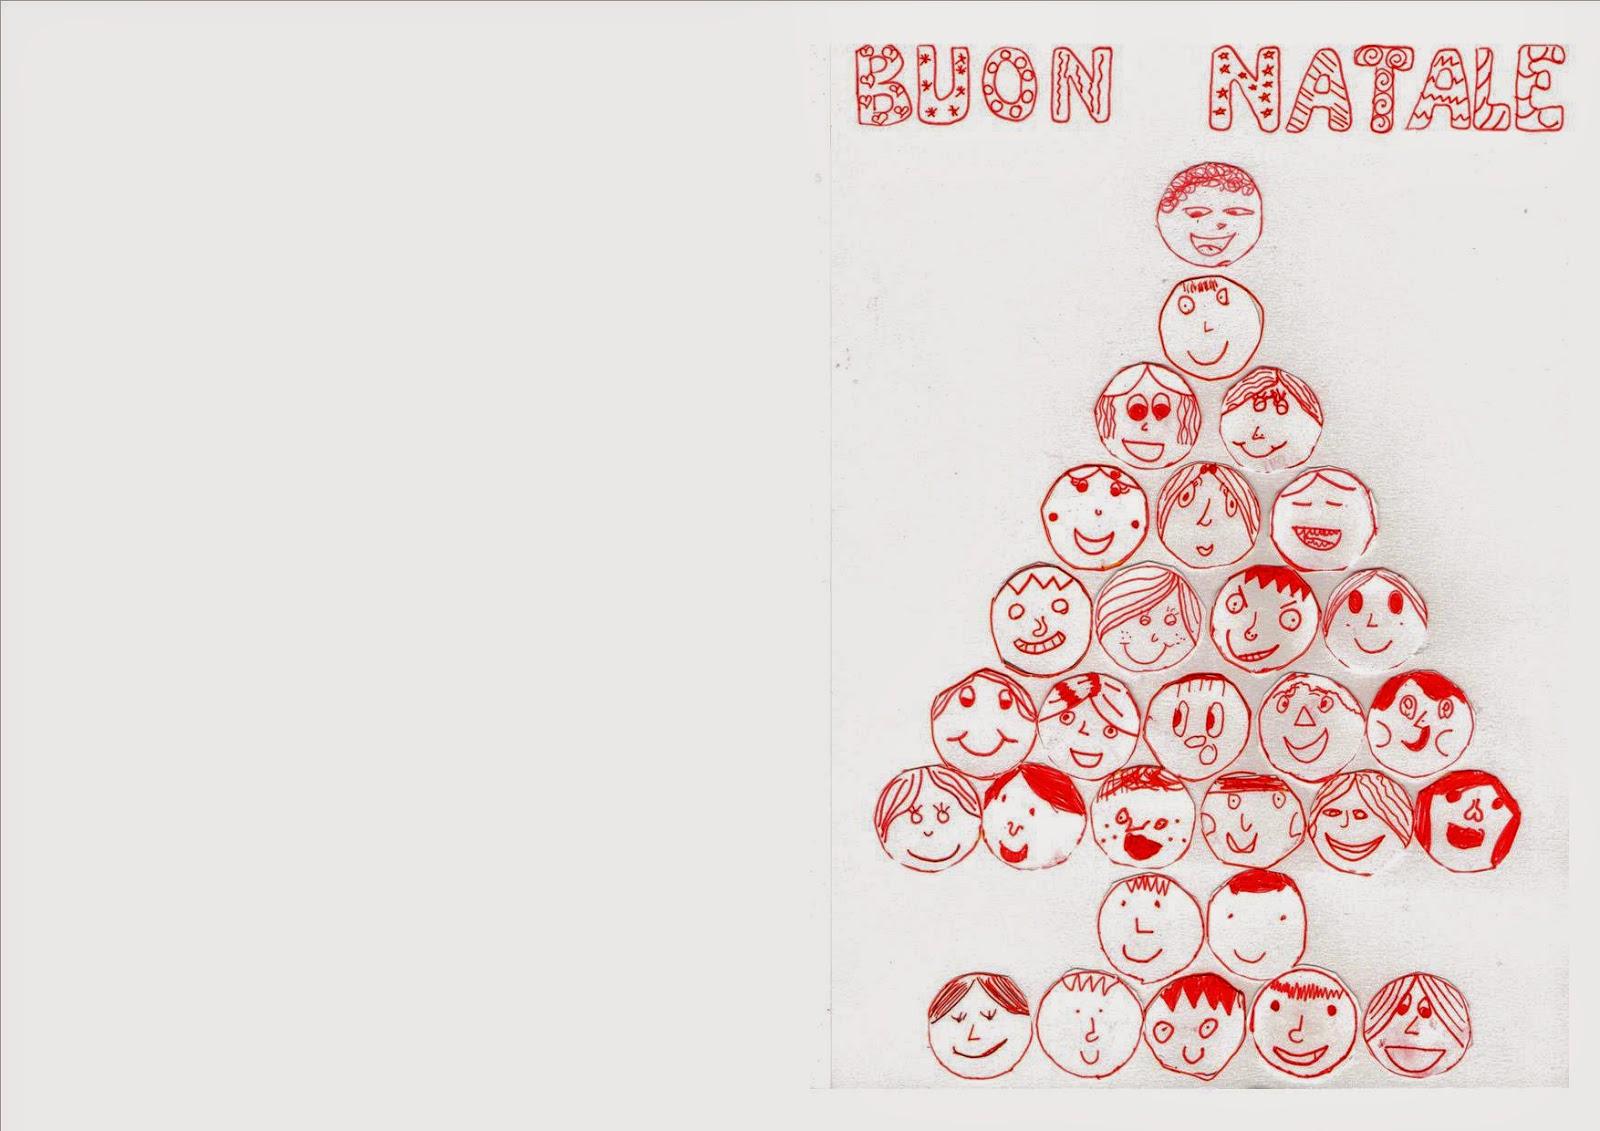 Biglietti Buon Natale Bambini.Apedario Auguri Biglietti E Poesie